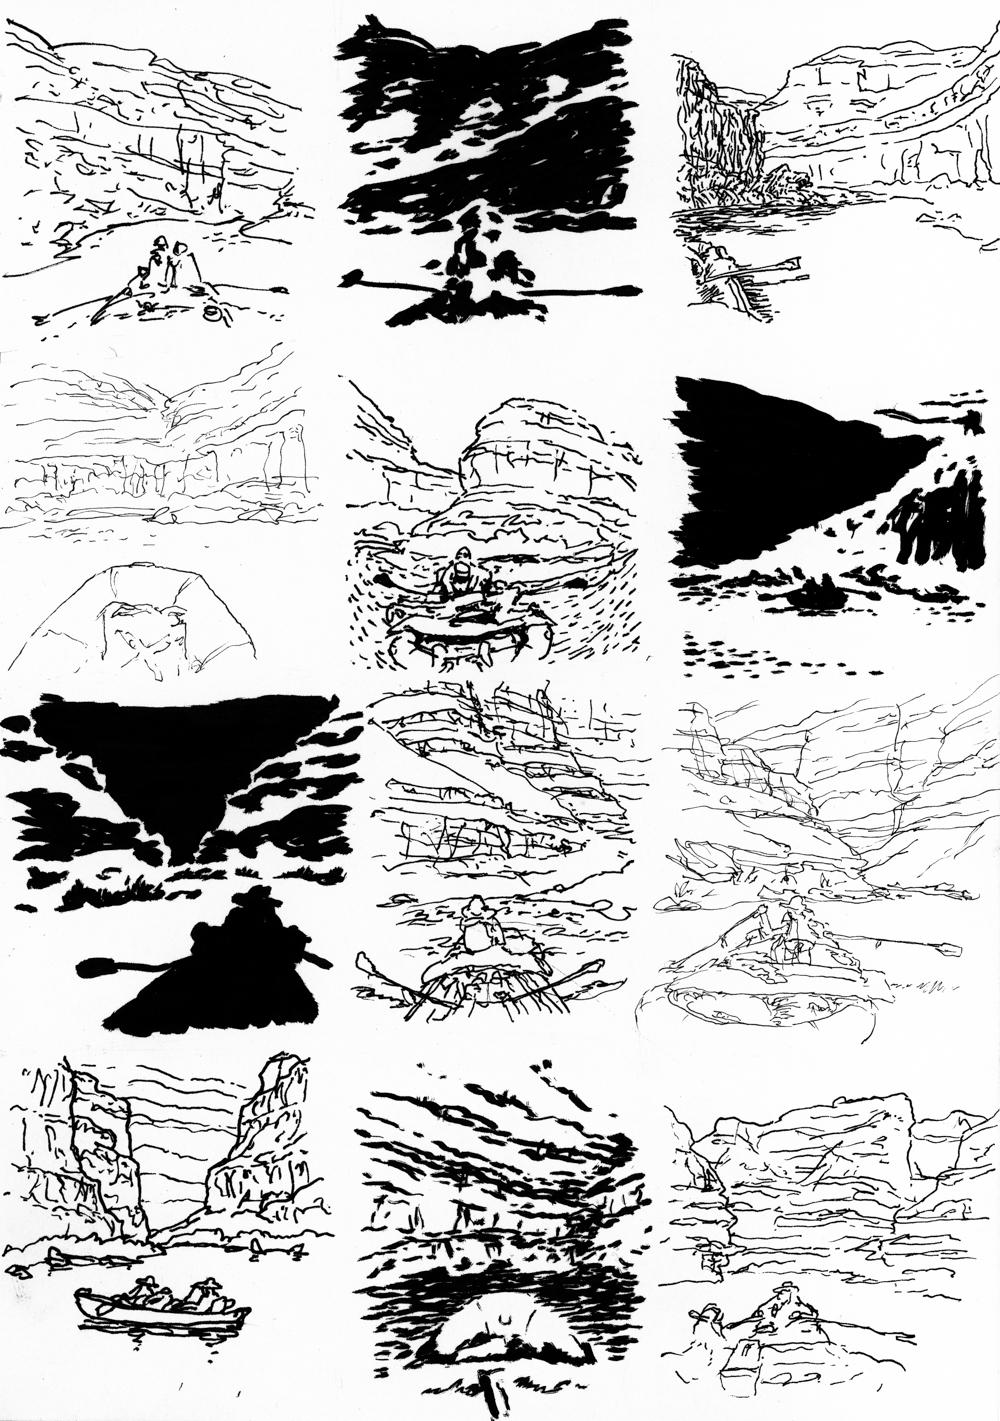 Boat journal, 5min studies, click for full